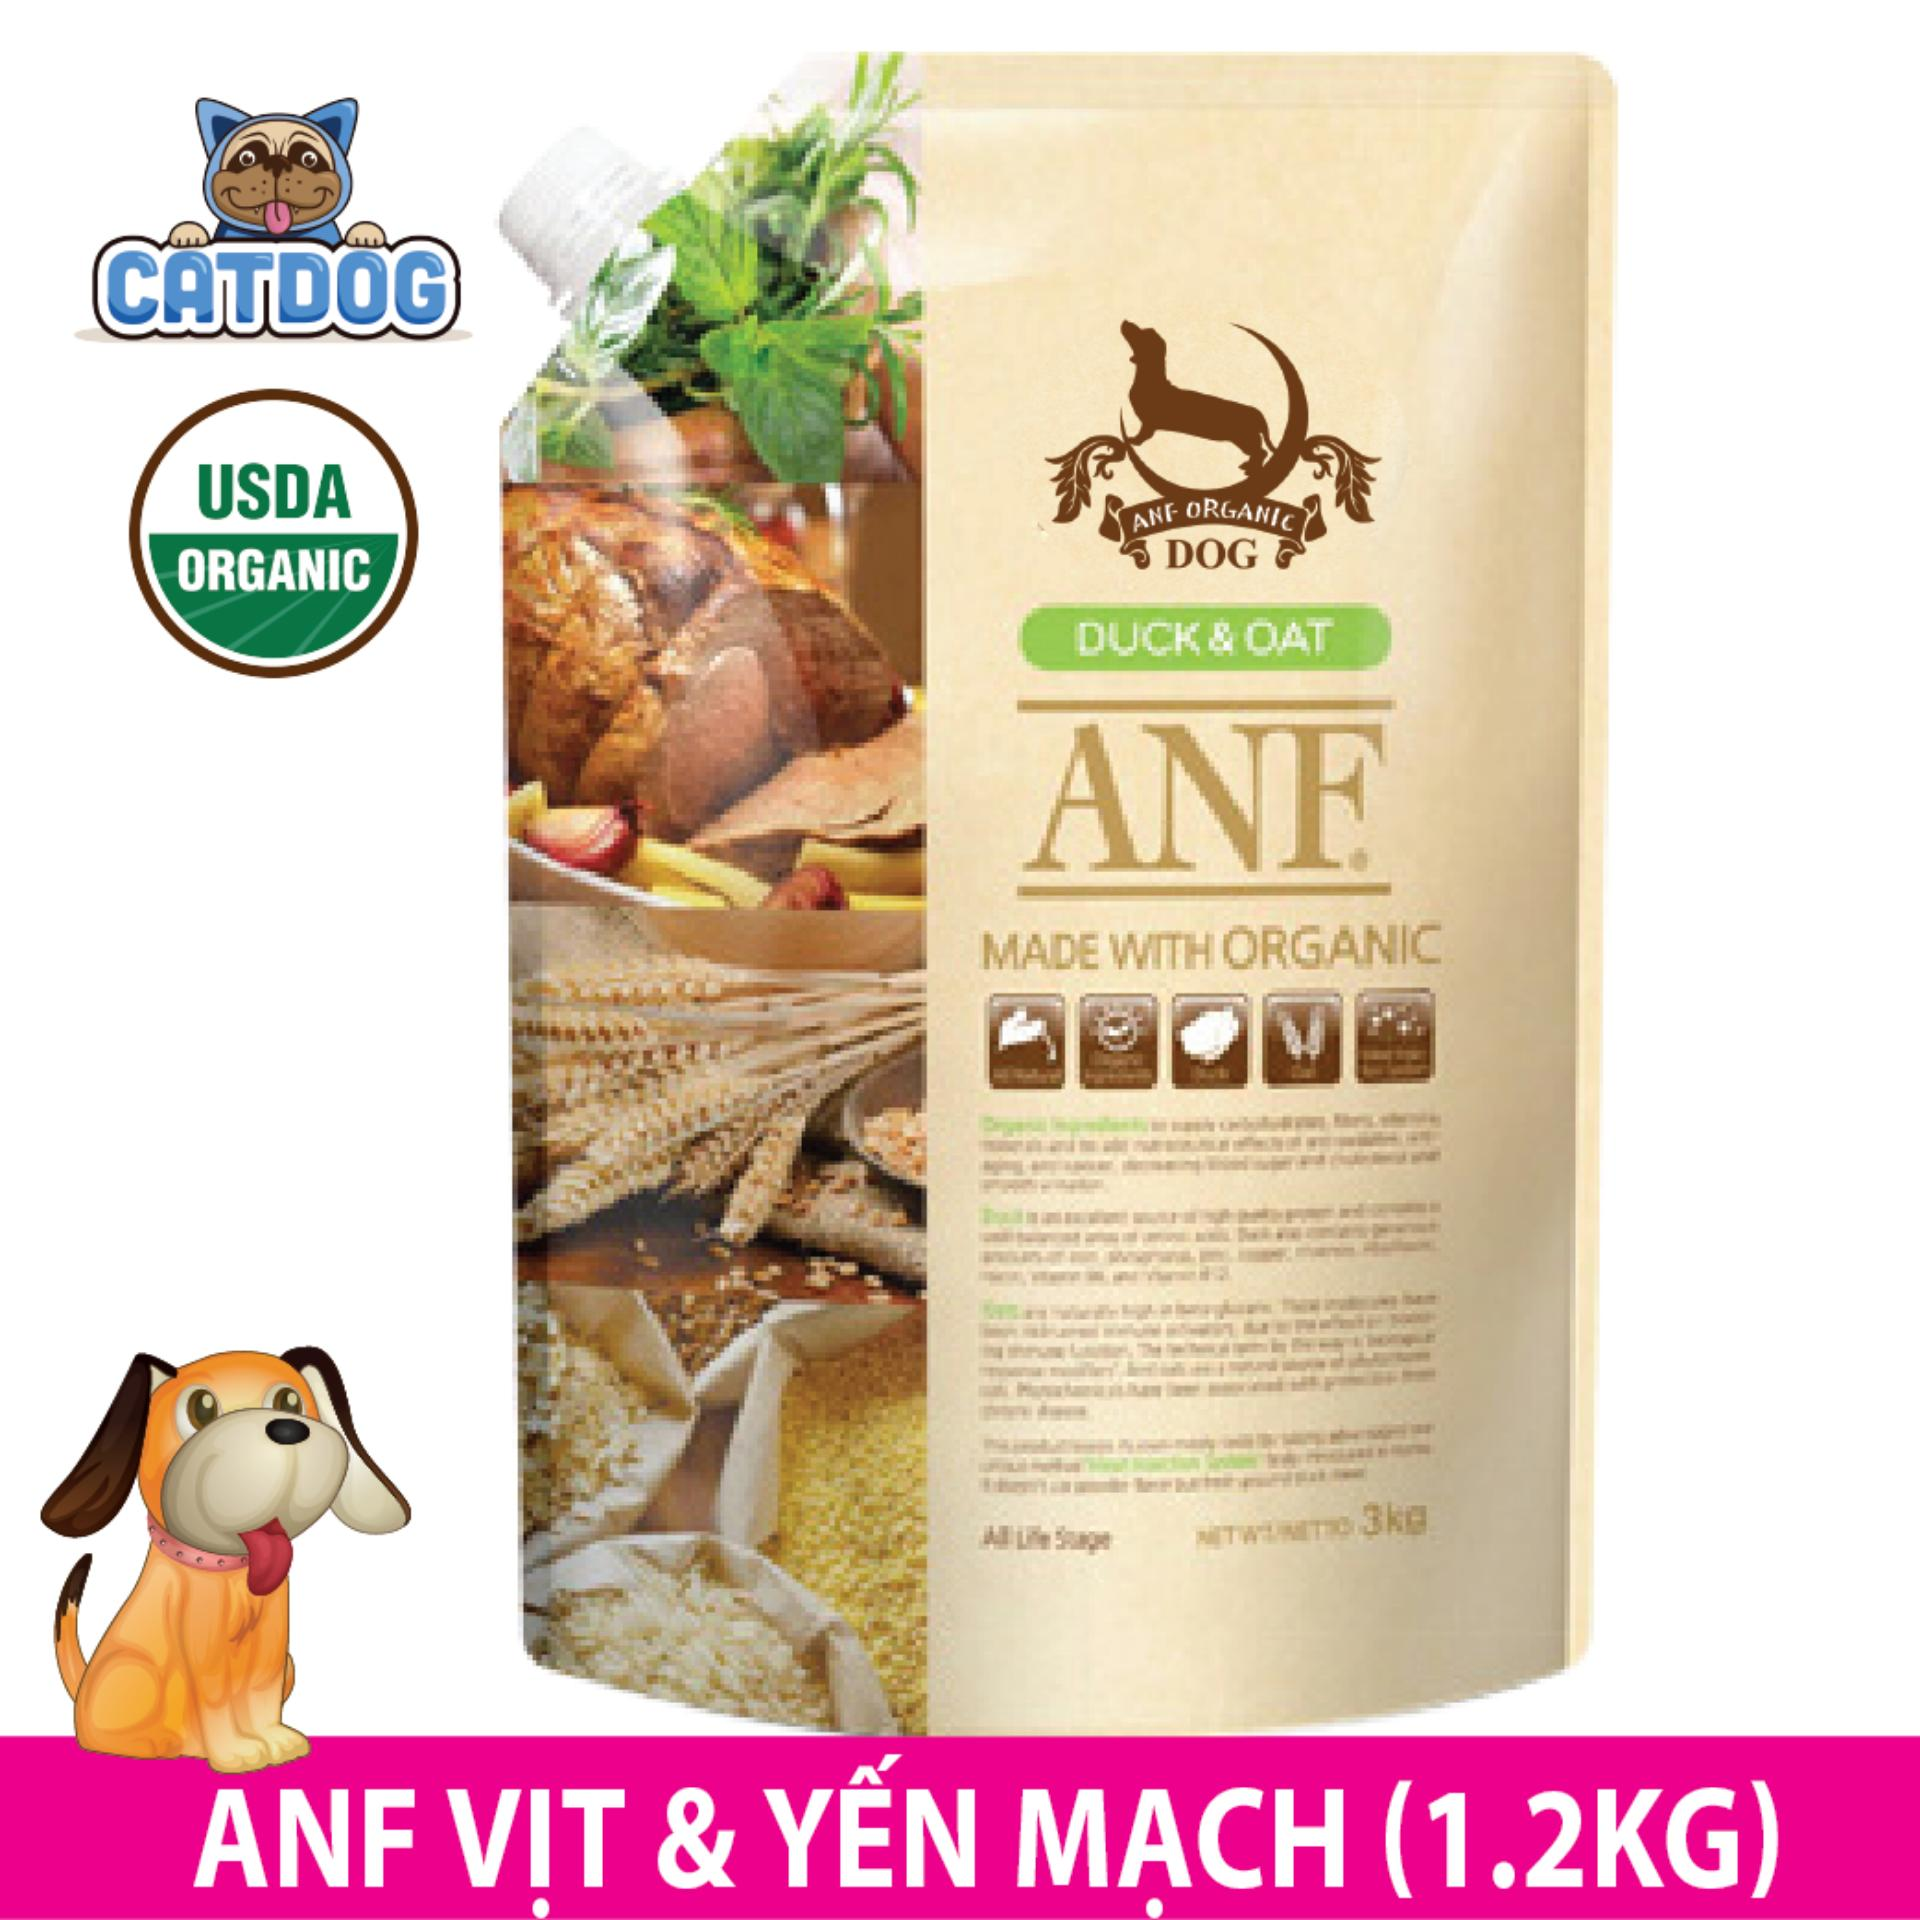 Bán Mua Hạt Anf Made With Organic Vị Vịt Va Yến Mạch 1 2Kg Cho Trong Hà Nội